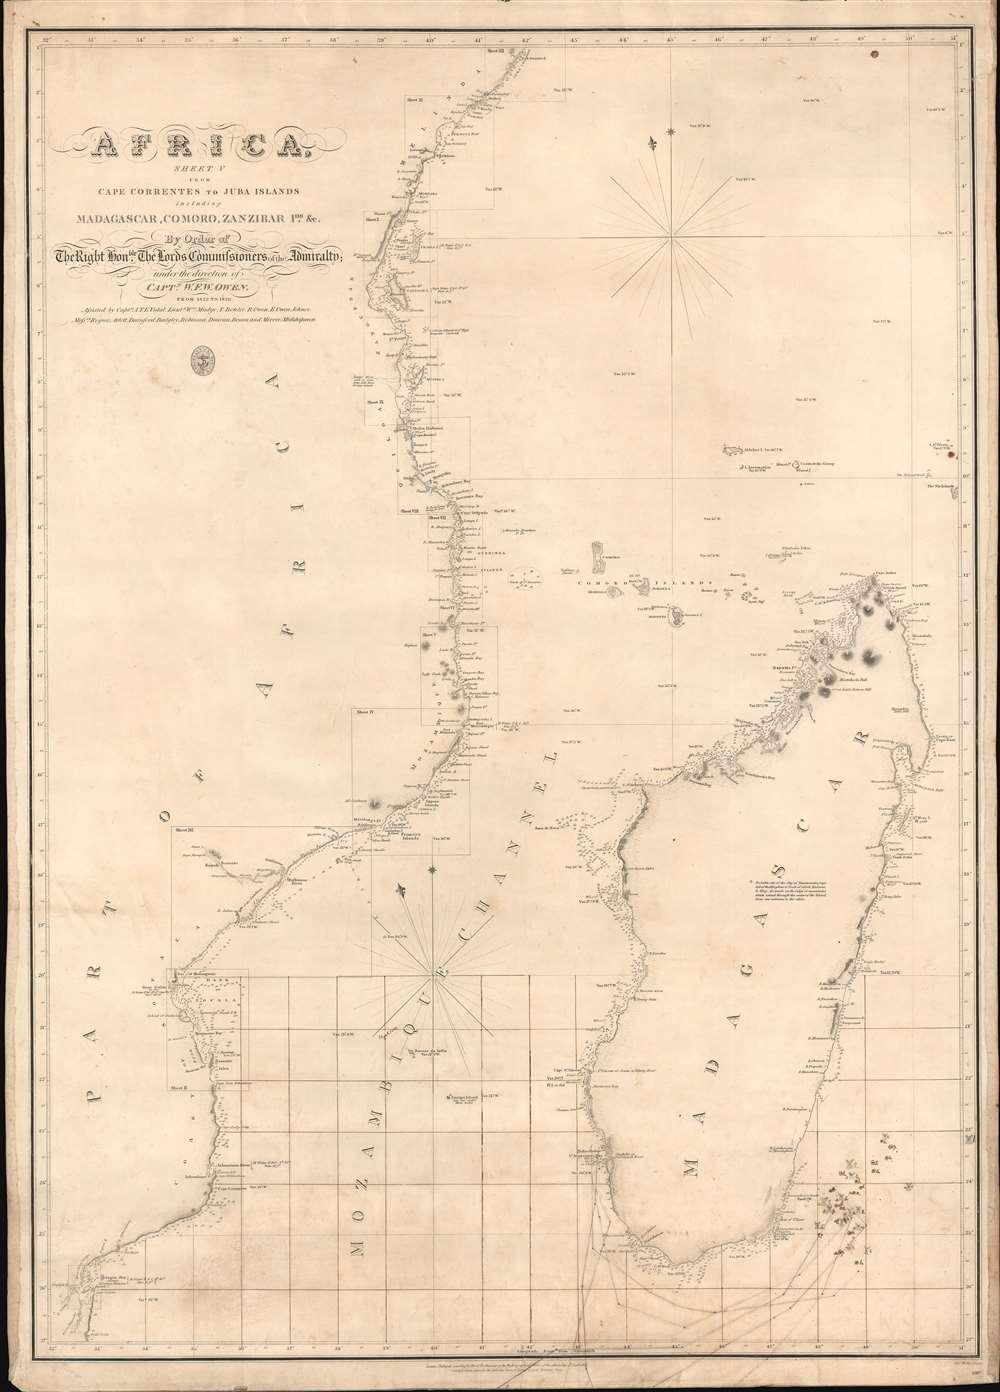 Africa Sheet V from Cape Correntes to Juba Islands including Madagascar, Comoro, Zanzibar Ids. And c. - Main View